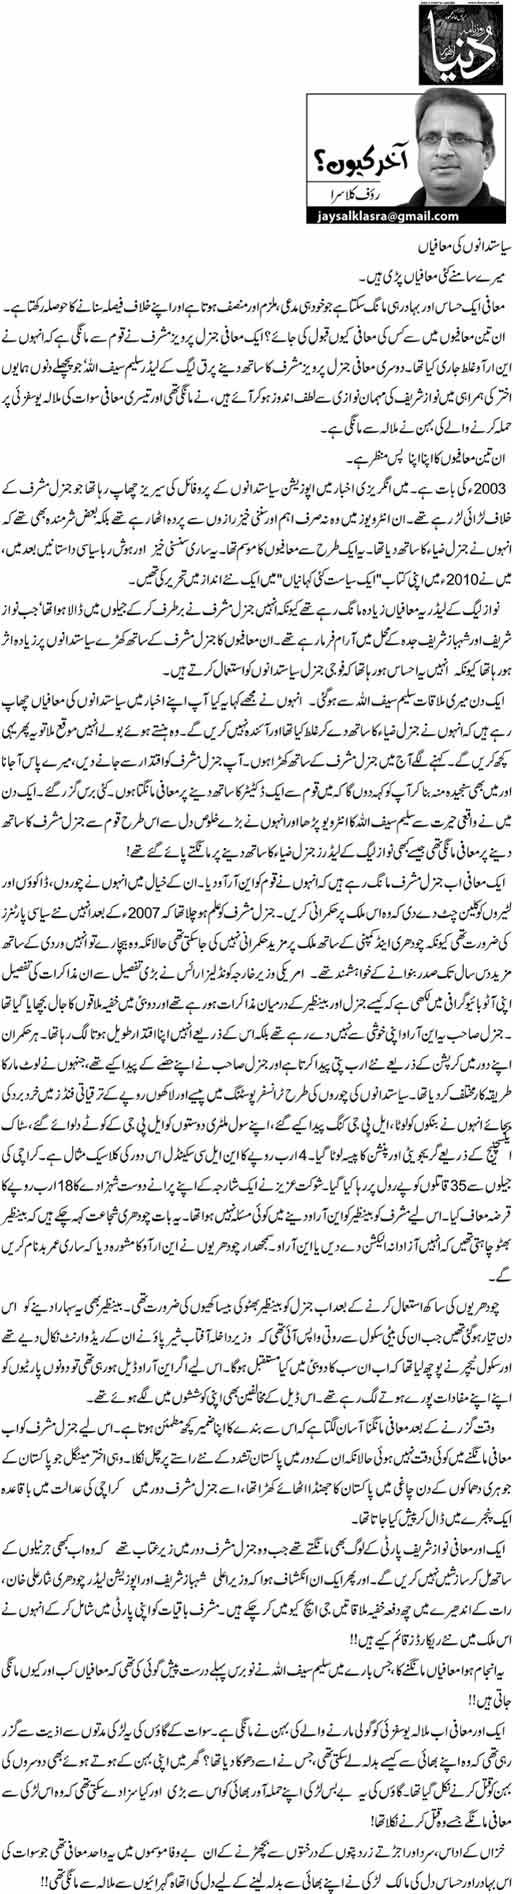 Siyasatdanon ki muafiyan - Rauf Klasra